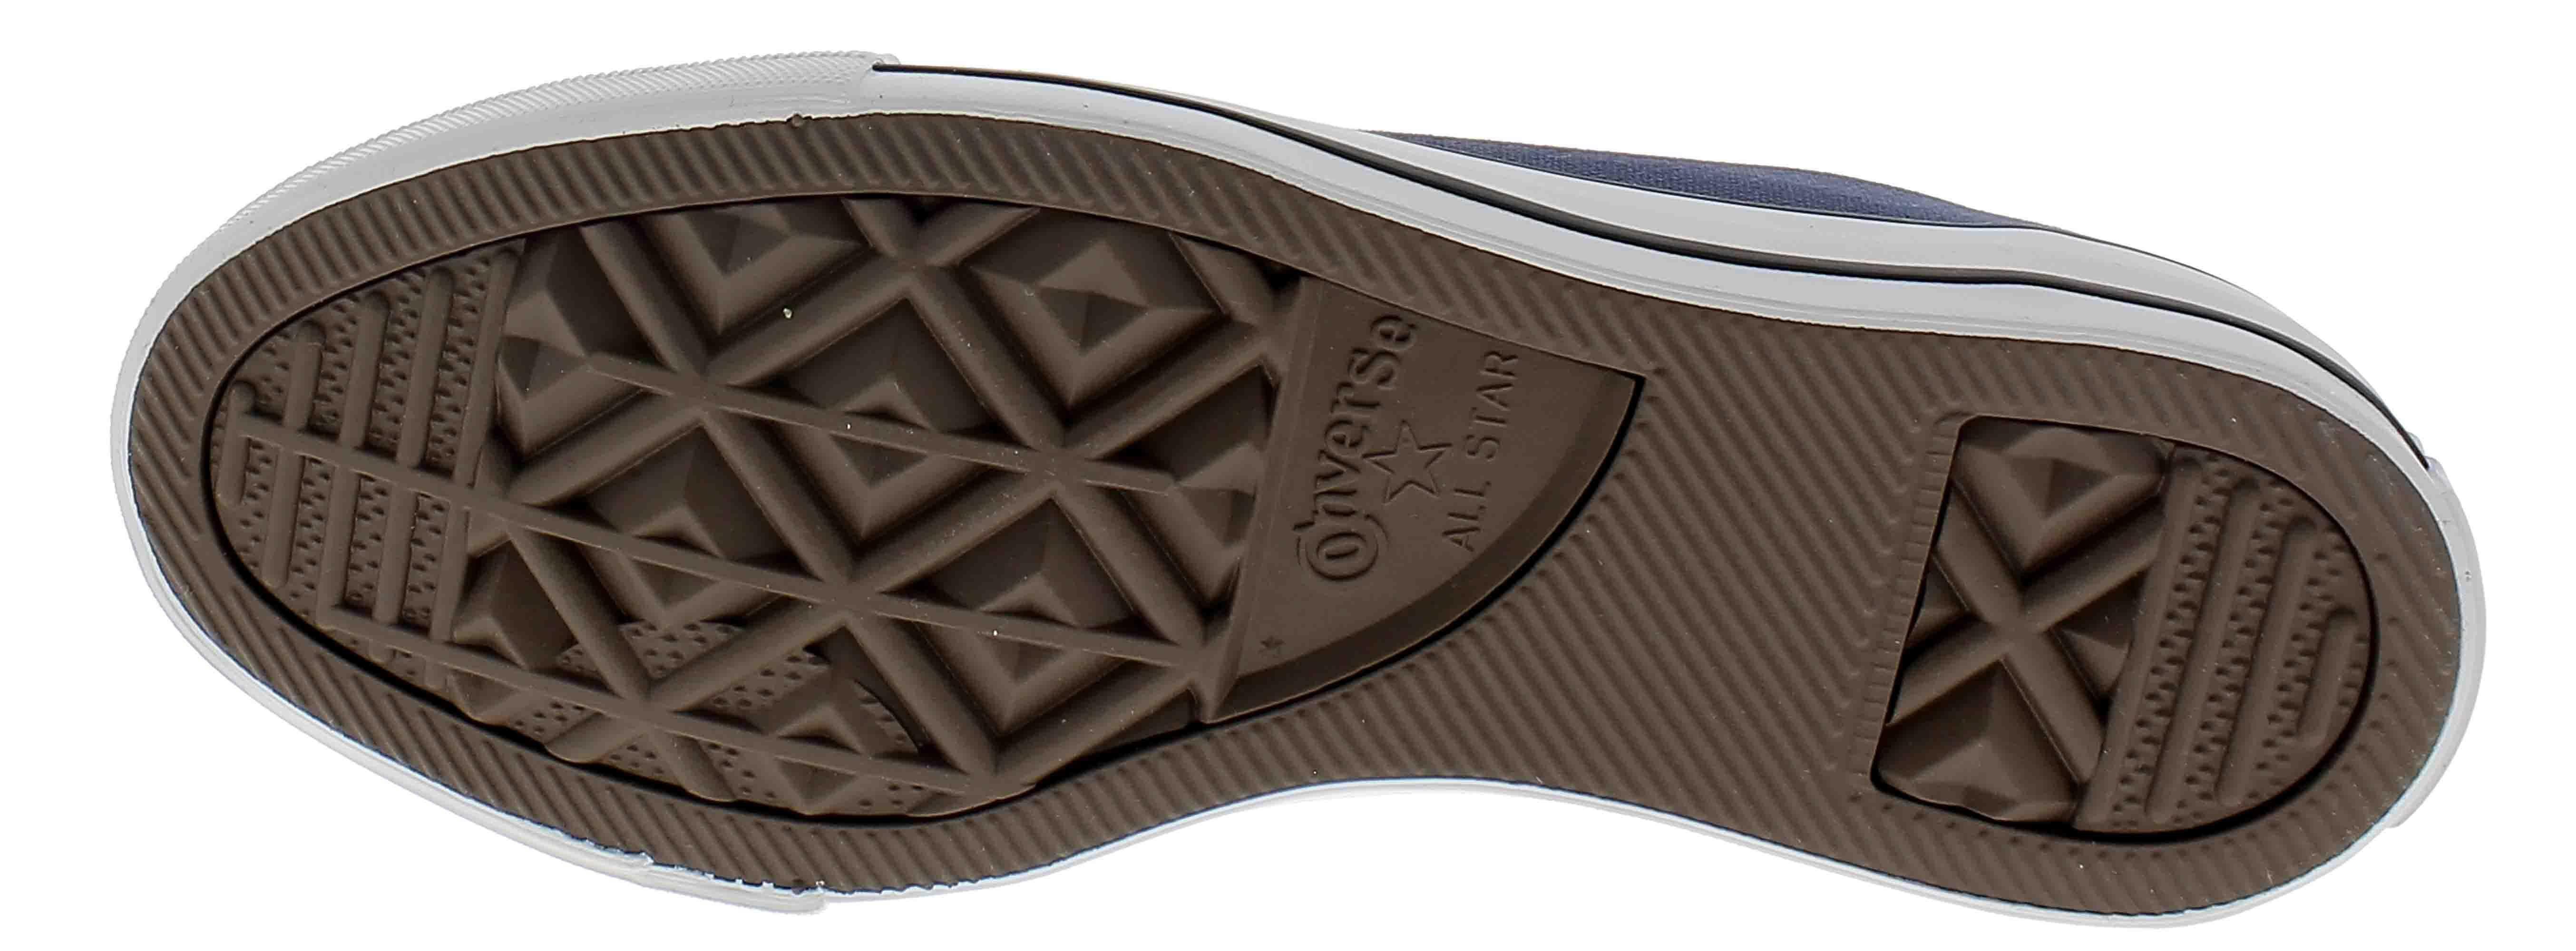 converse converse all star ox optical scarpe sportive basse blu navy m9697